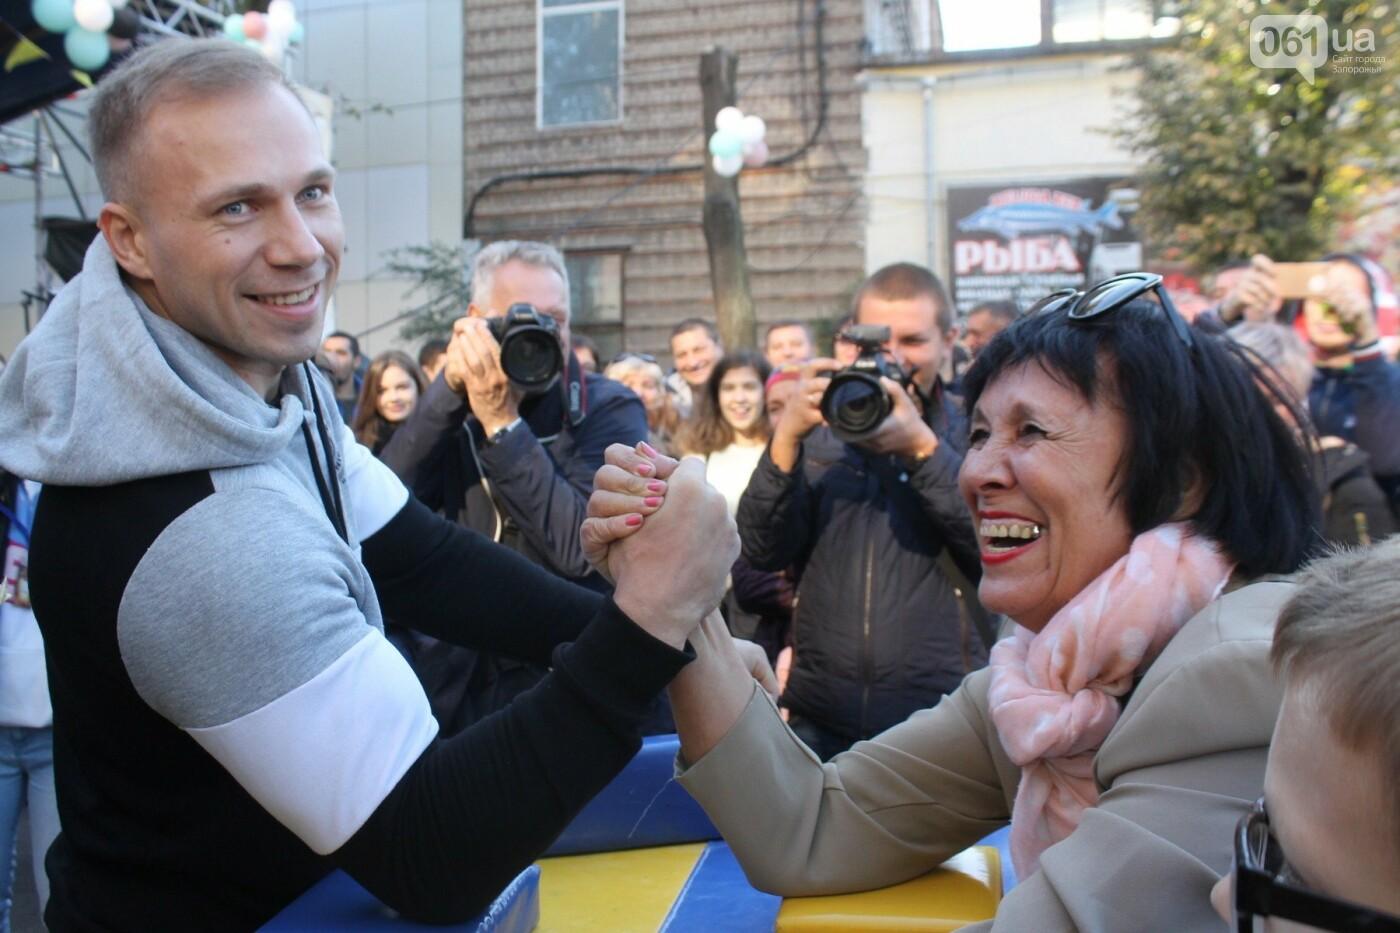 Как в Запорожье прошел пивной фестиваль «Beluga Beer fest», – ФОТОРЕПОРТАЖ, фото-44